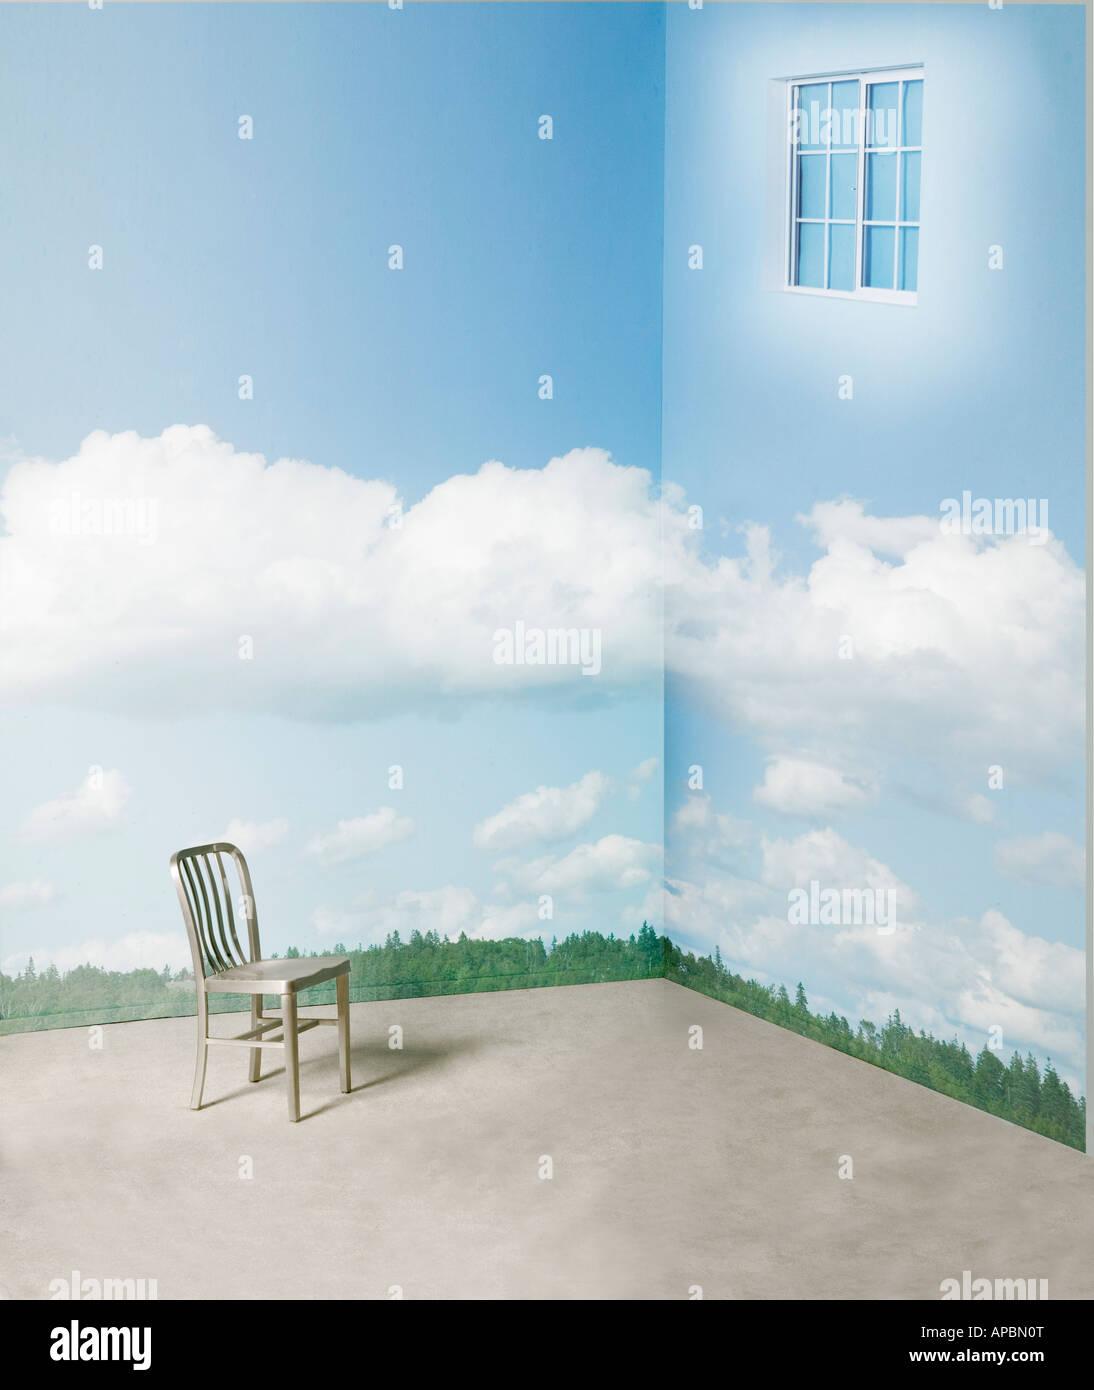 Lone sedia in un angolo della camera con finestra surreale e nuvole sulla parete giorno sogno daydream immaginazione Immagini Stock